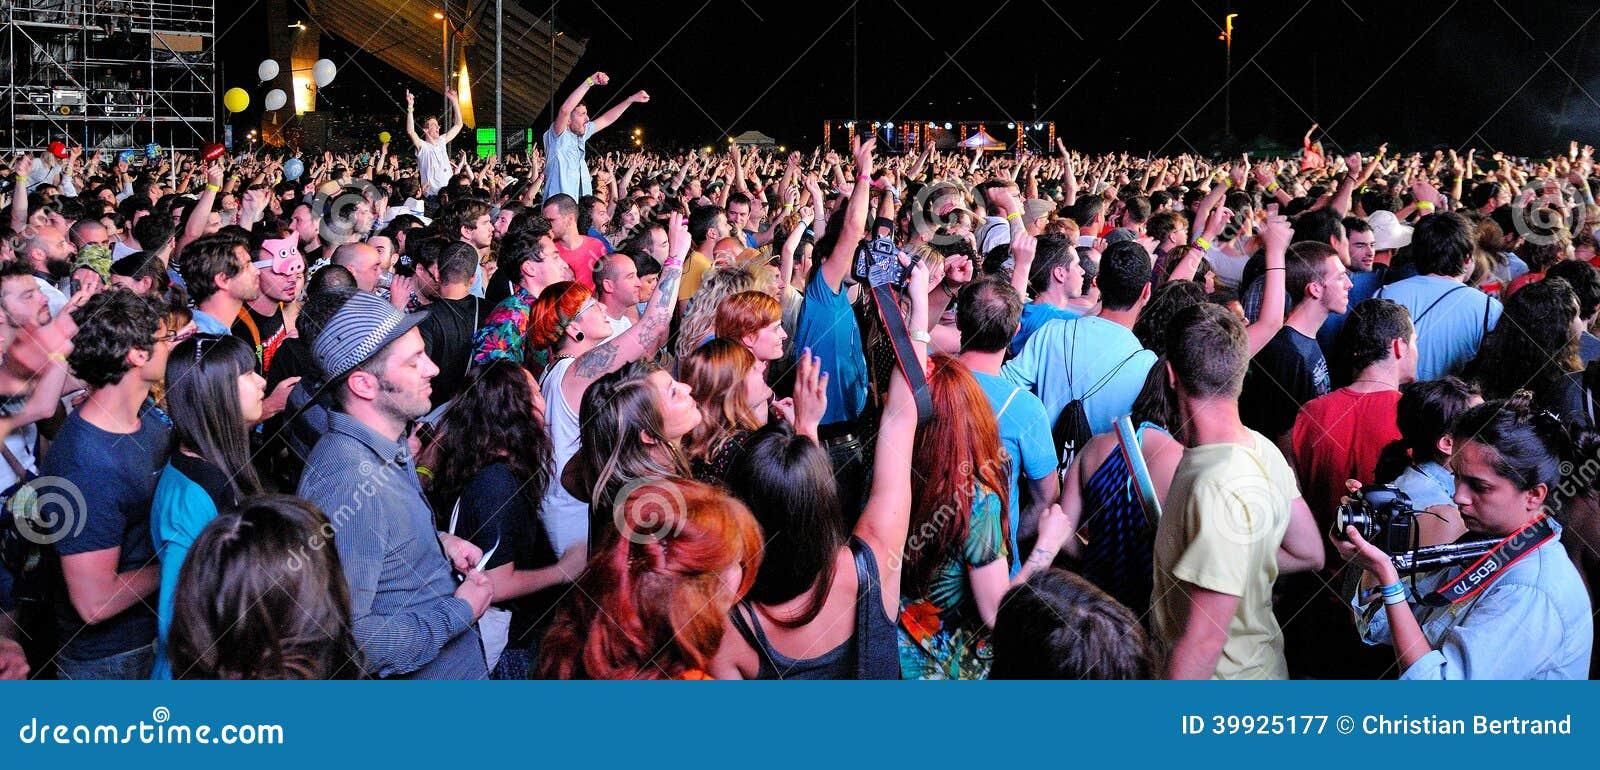 Crowd Watching A Show Editorial Image | CartoonDealer.com ...